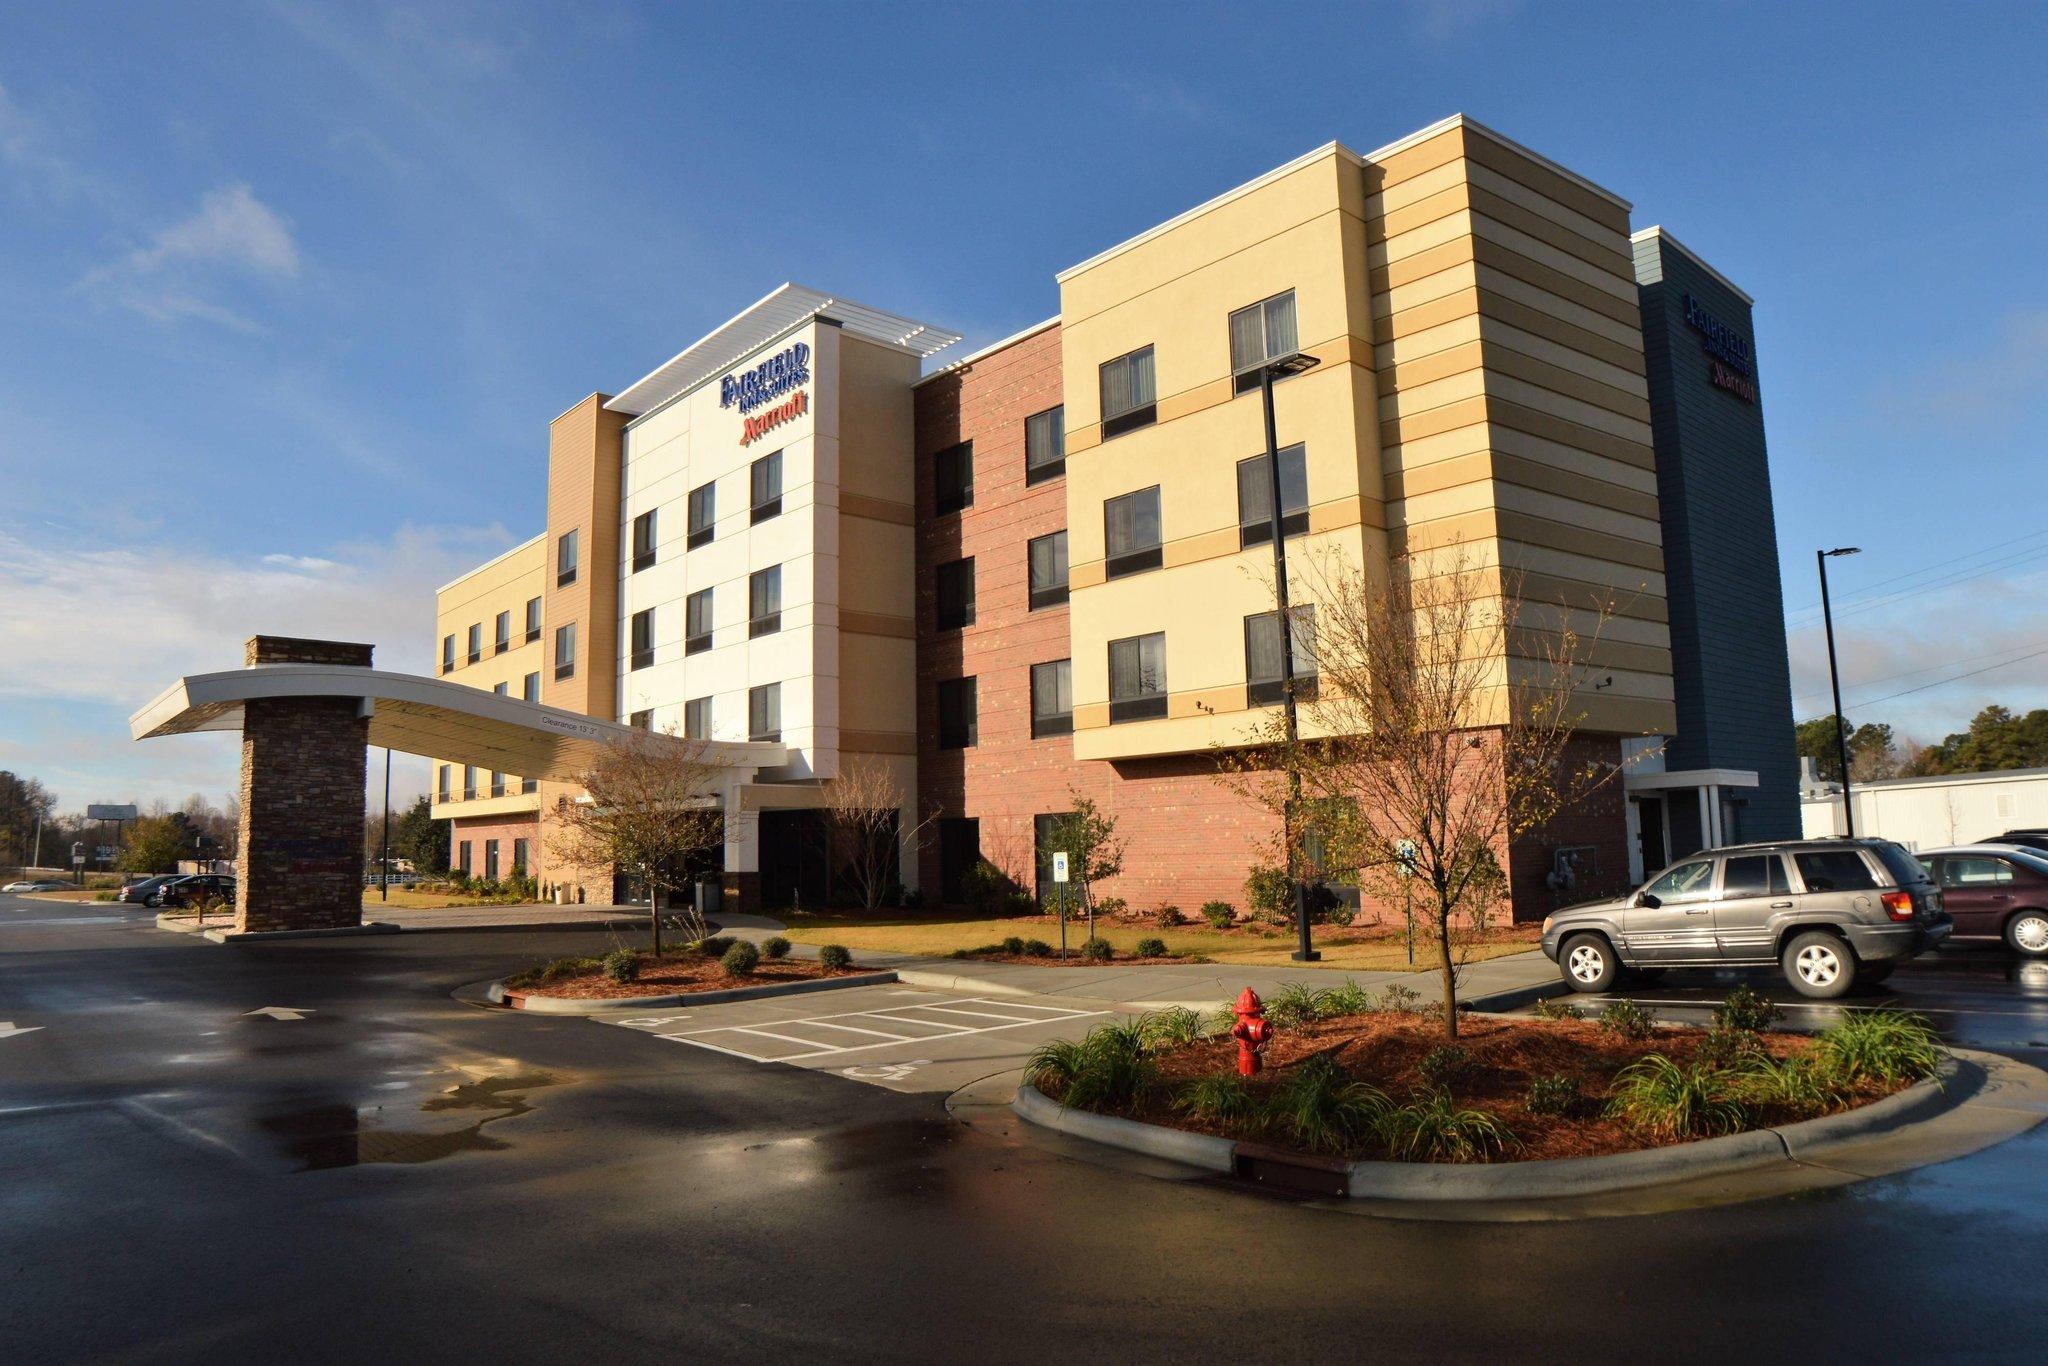 Fairfield Inn and Suites by Marriott Dunn I-95